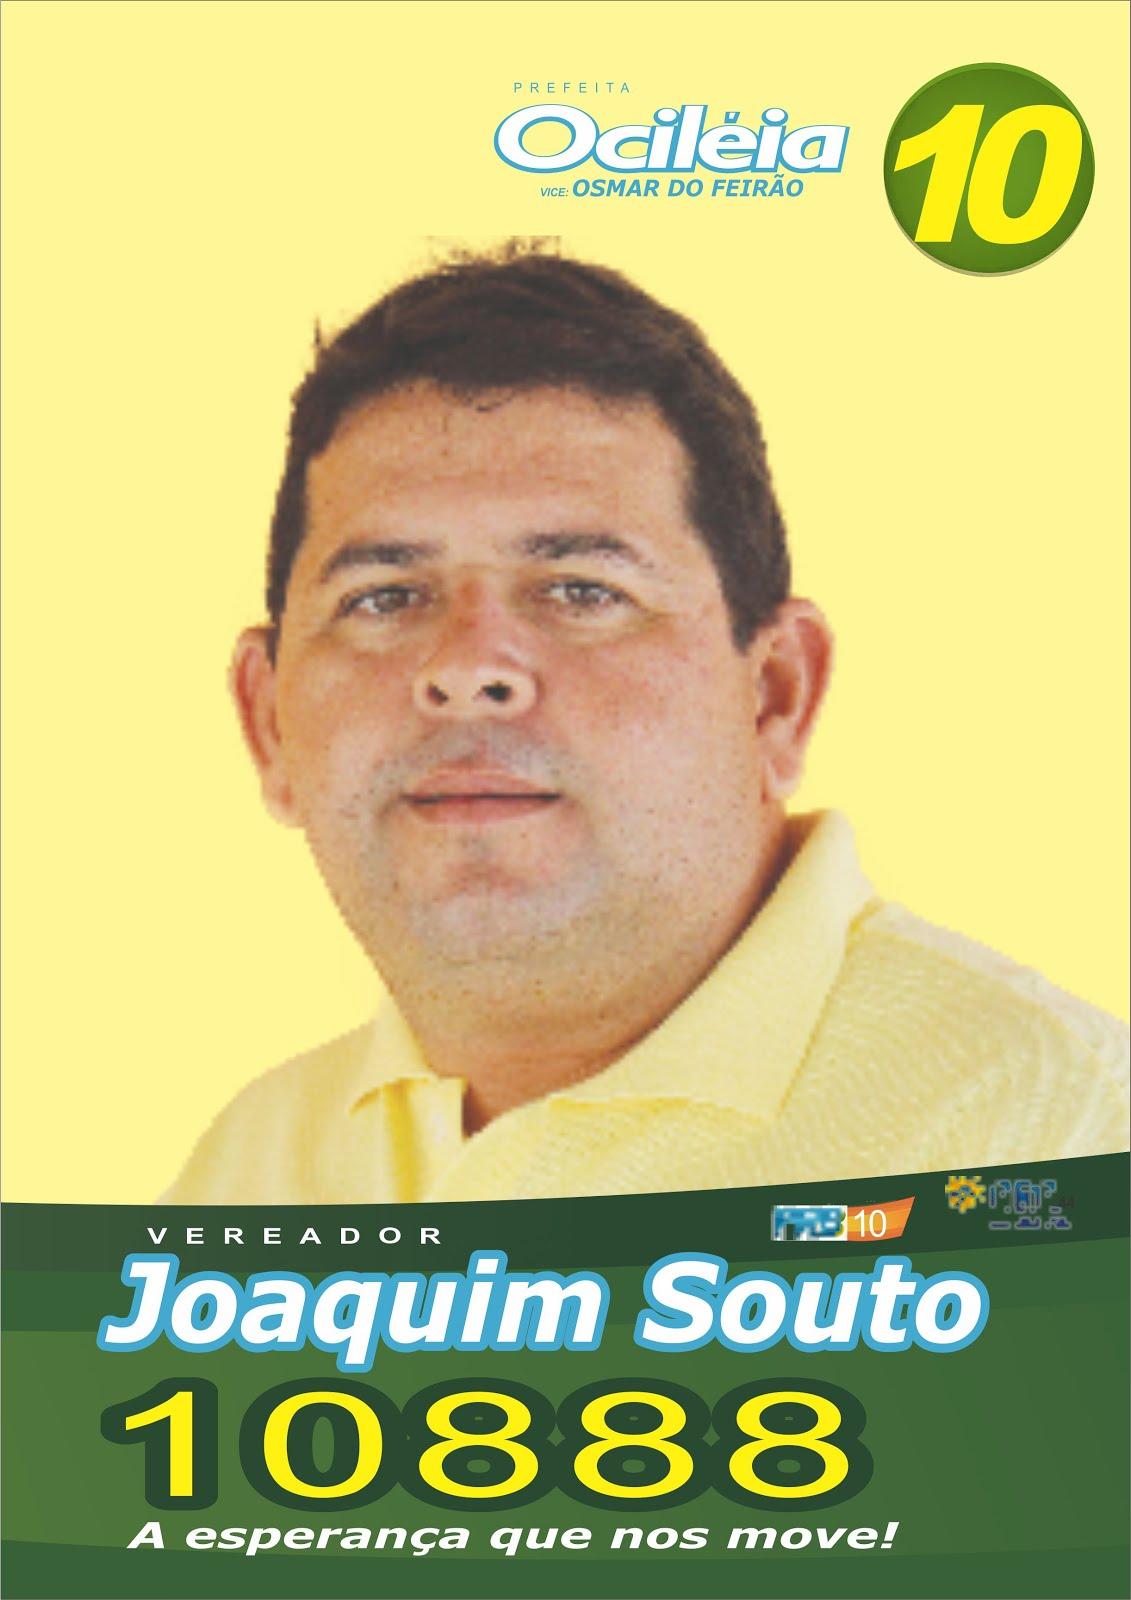 JOAQUIM 10888